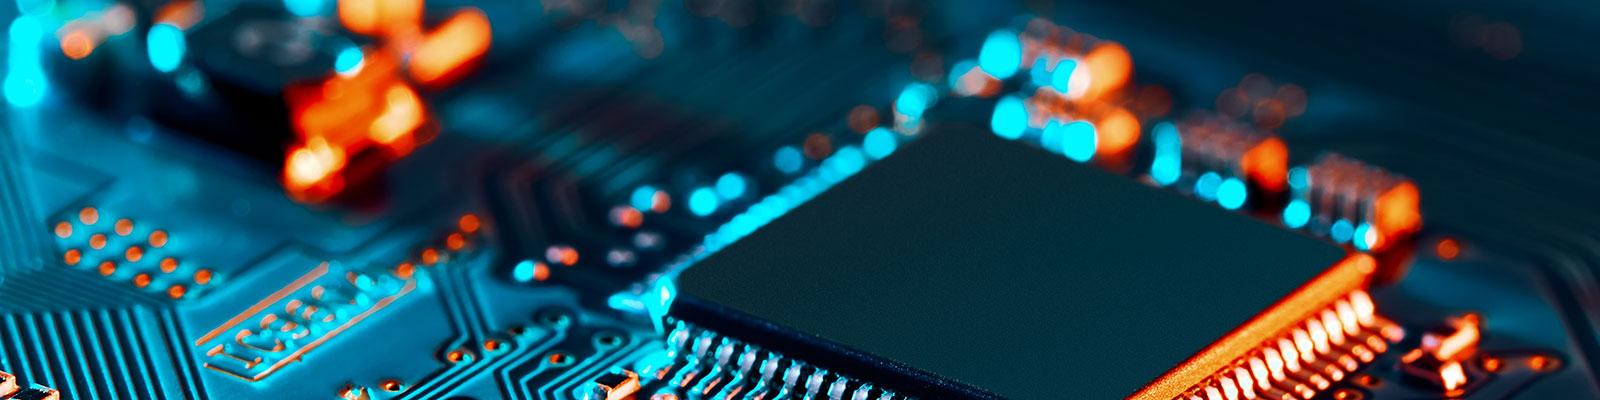 Computerchip zum Thema Digitalisierung